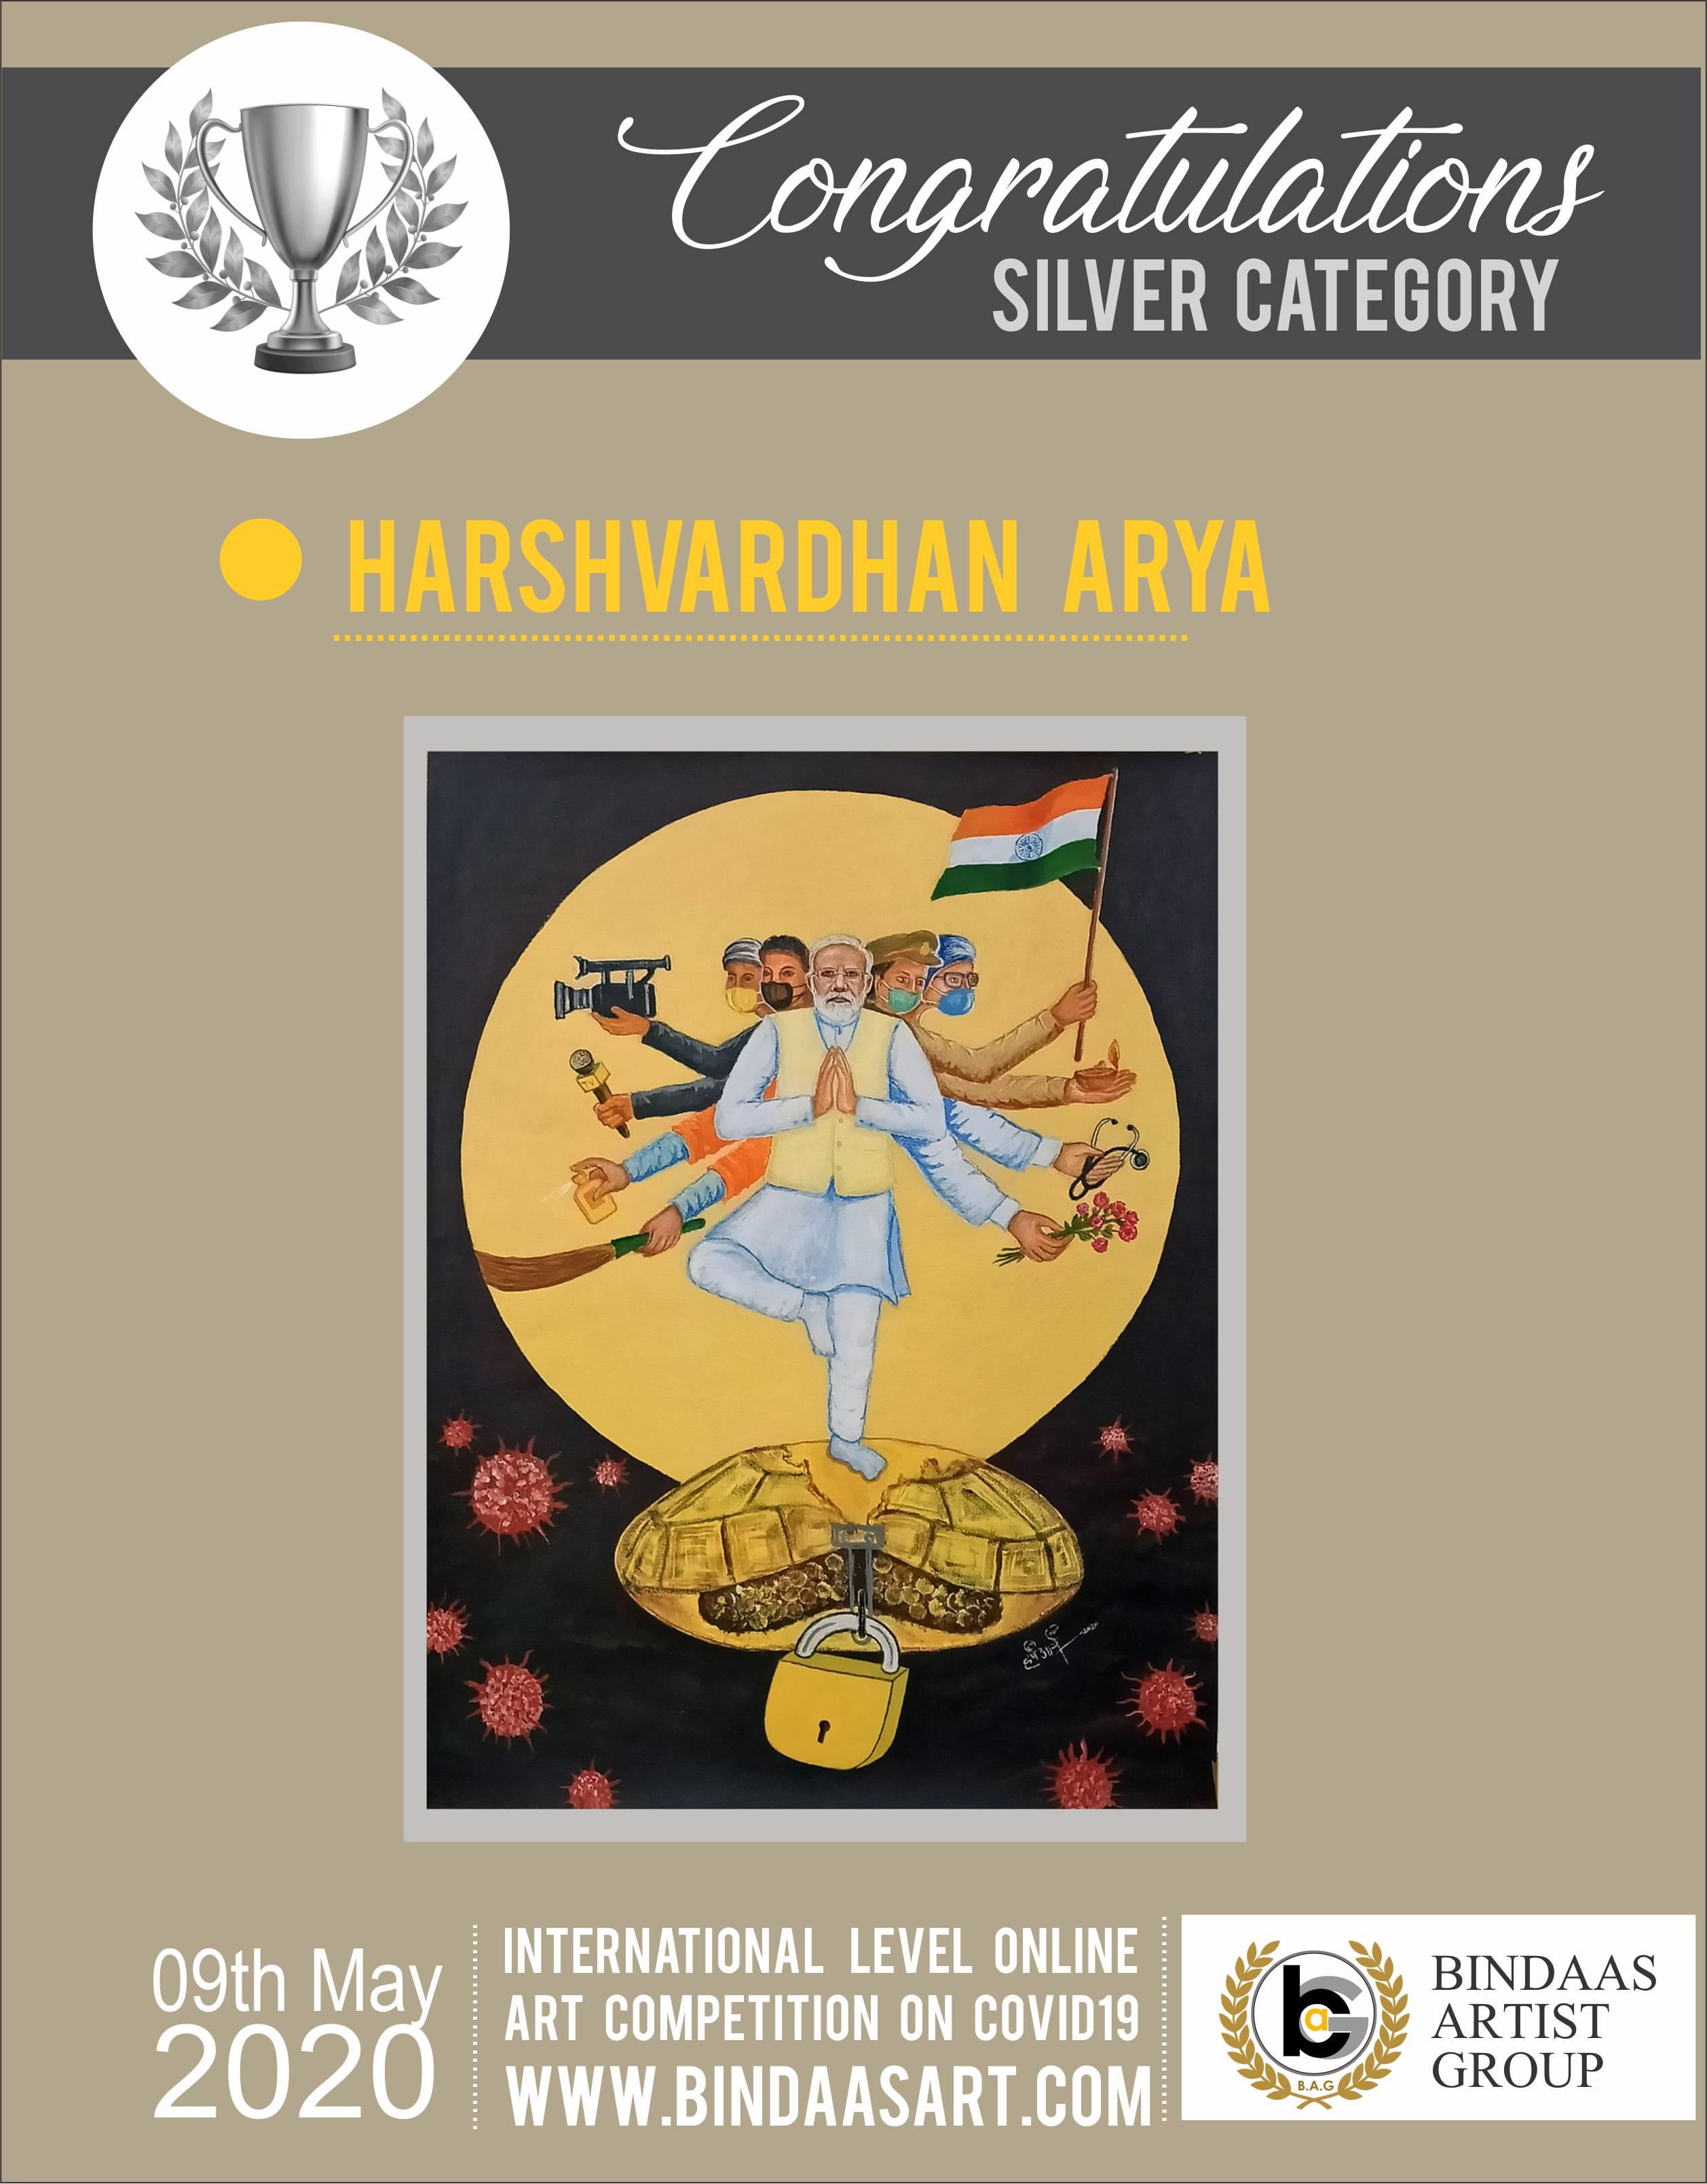 Harshvardhan Arya